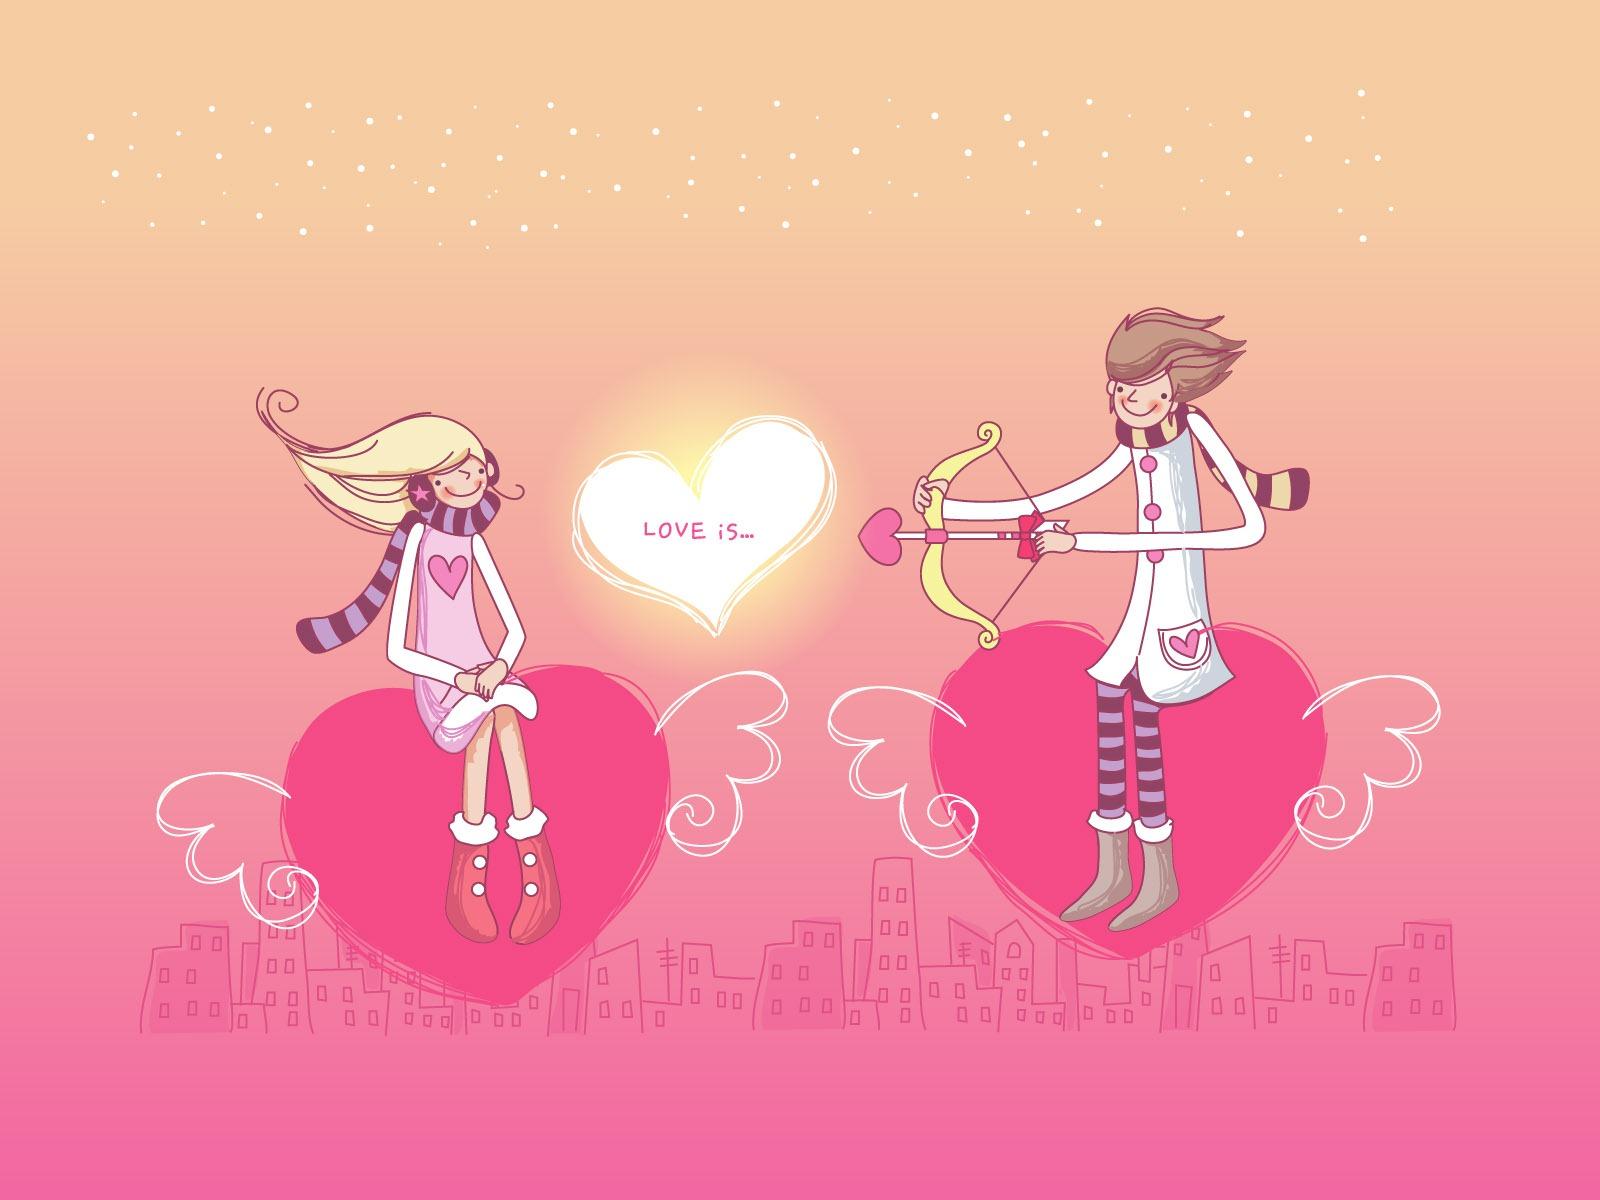 http://3.bp.blogspot.com/-Rbi59Ju3iyM/Typ7cVzKDTI/AAAAAAAAGFU/0xzLlcF0BUo/s1600/Valentine-2012-Wallpaper.jpg